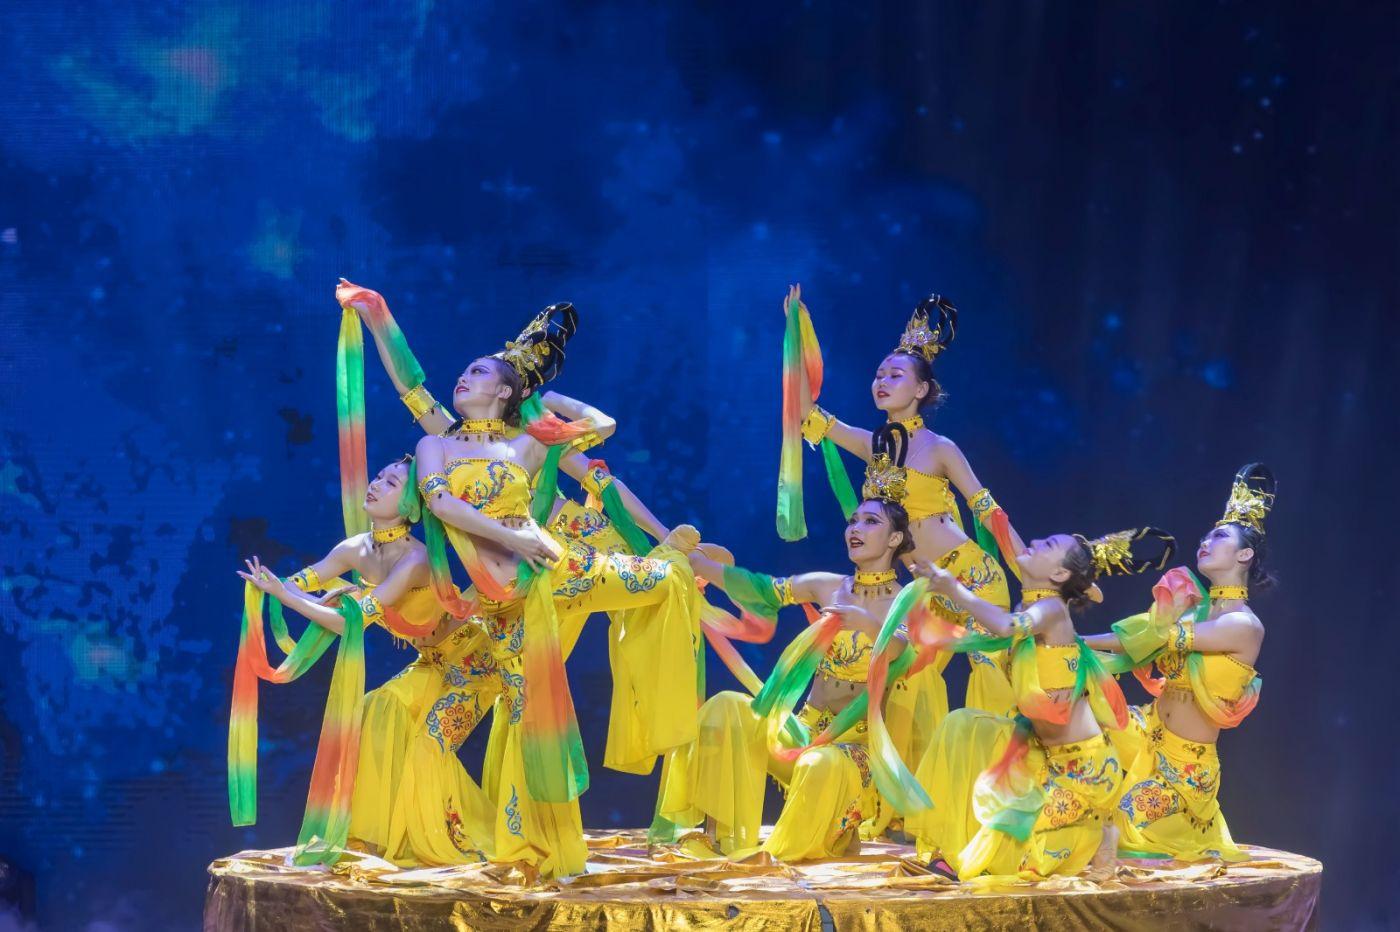 沂蒙大地上 有一种舞蹈叫飞天 这是几位临沂女孩的杰作 美轮美奂 ..._图1-27